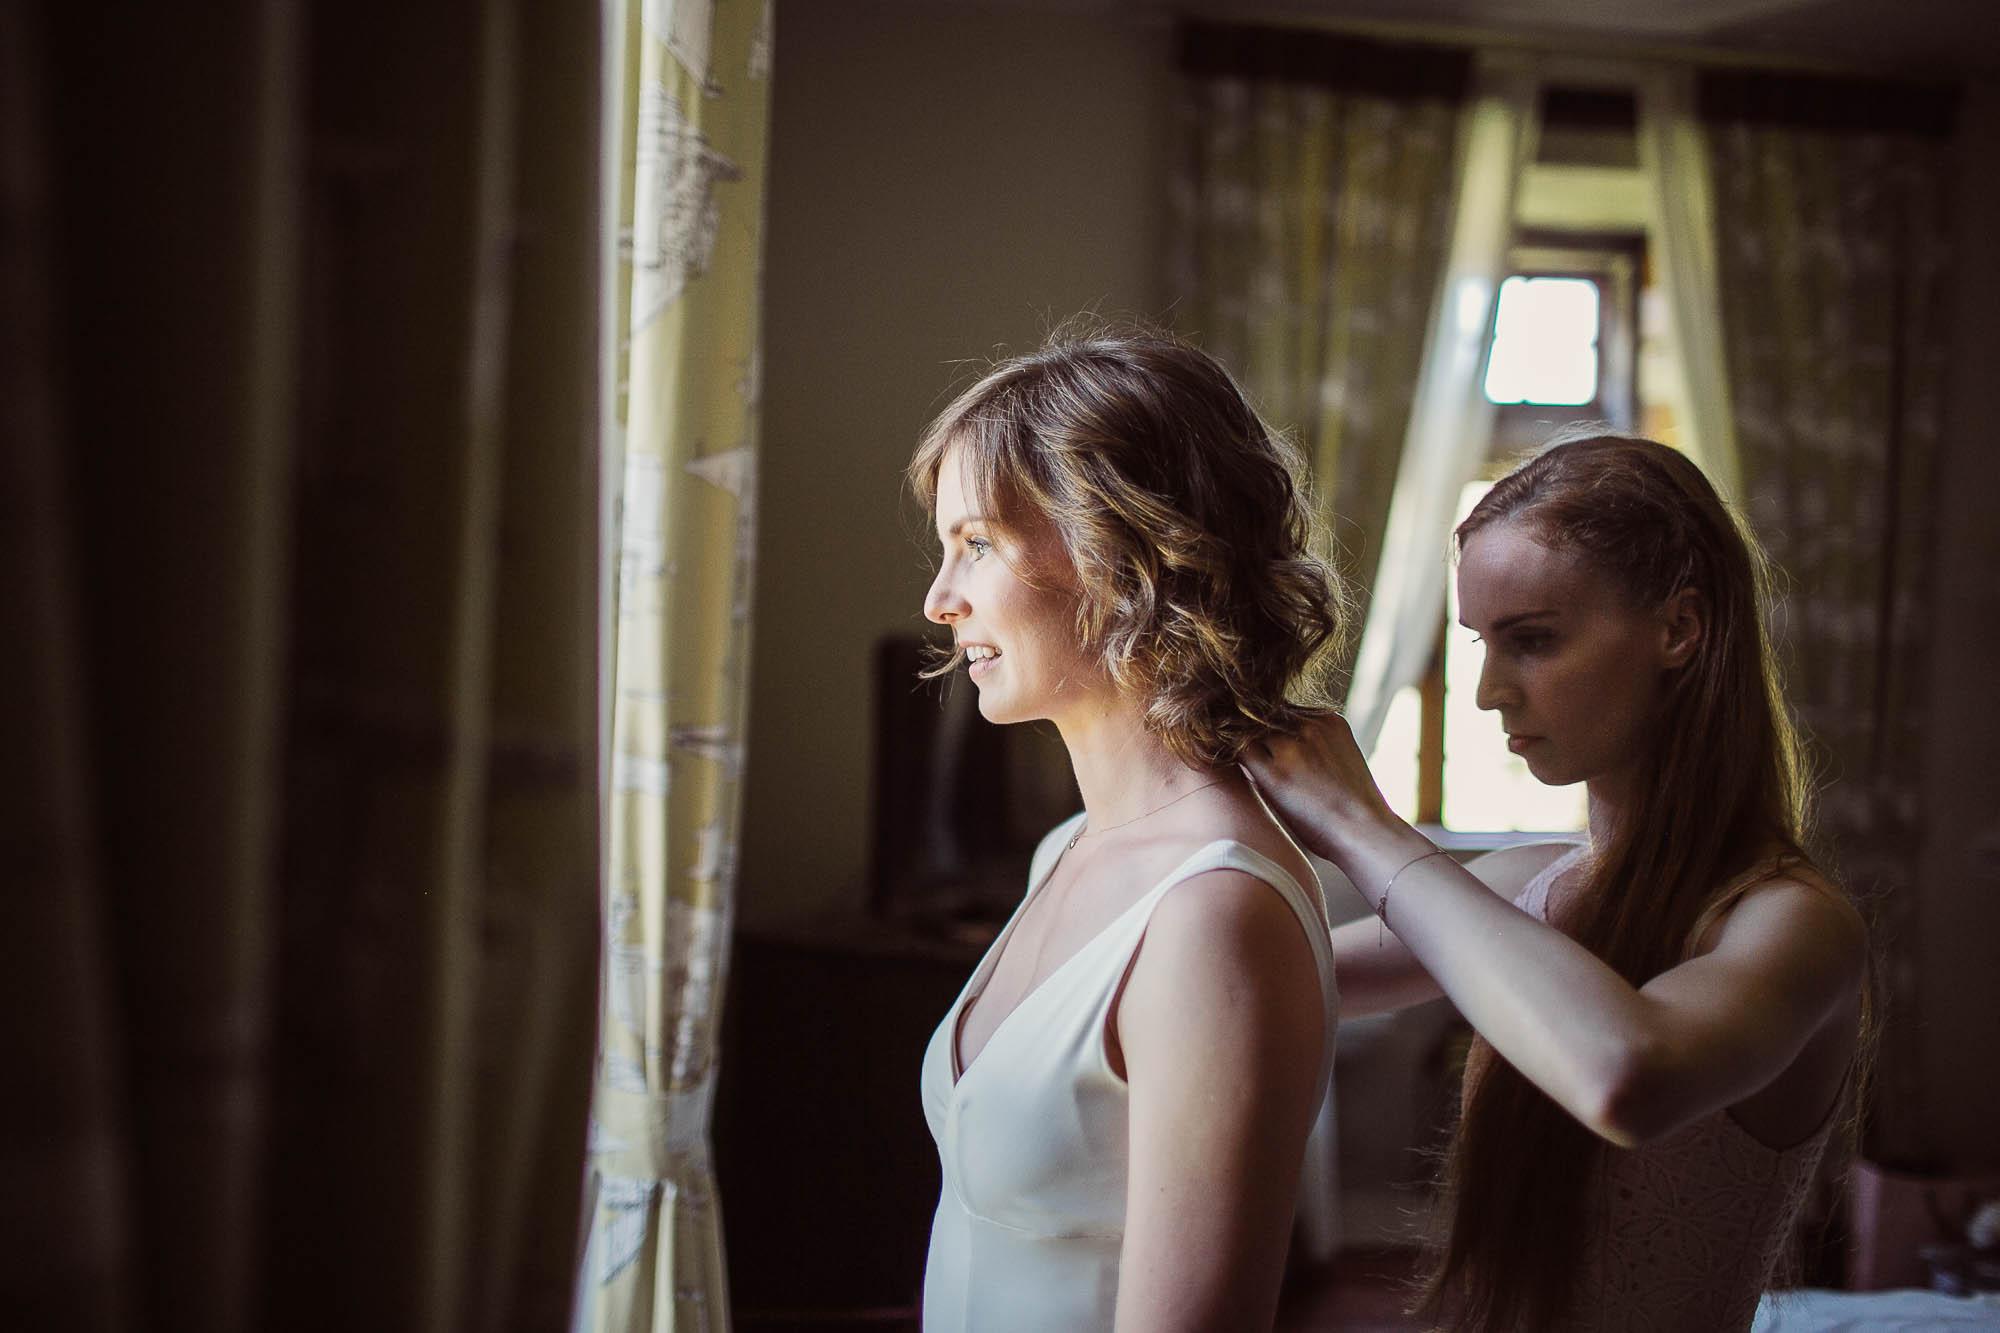 La otra amiga ayuda a la novia a subirse la tira del hombro del vestido